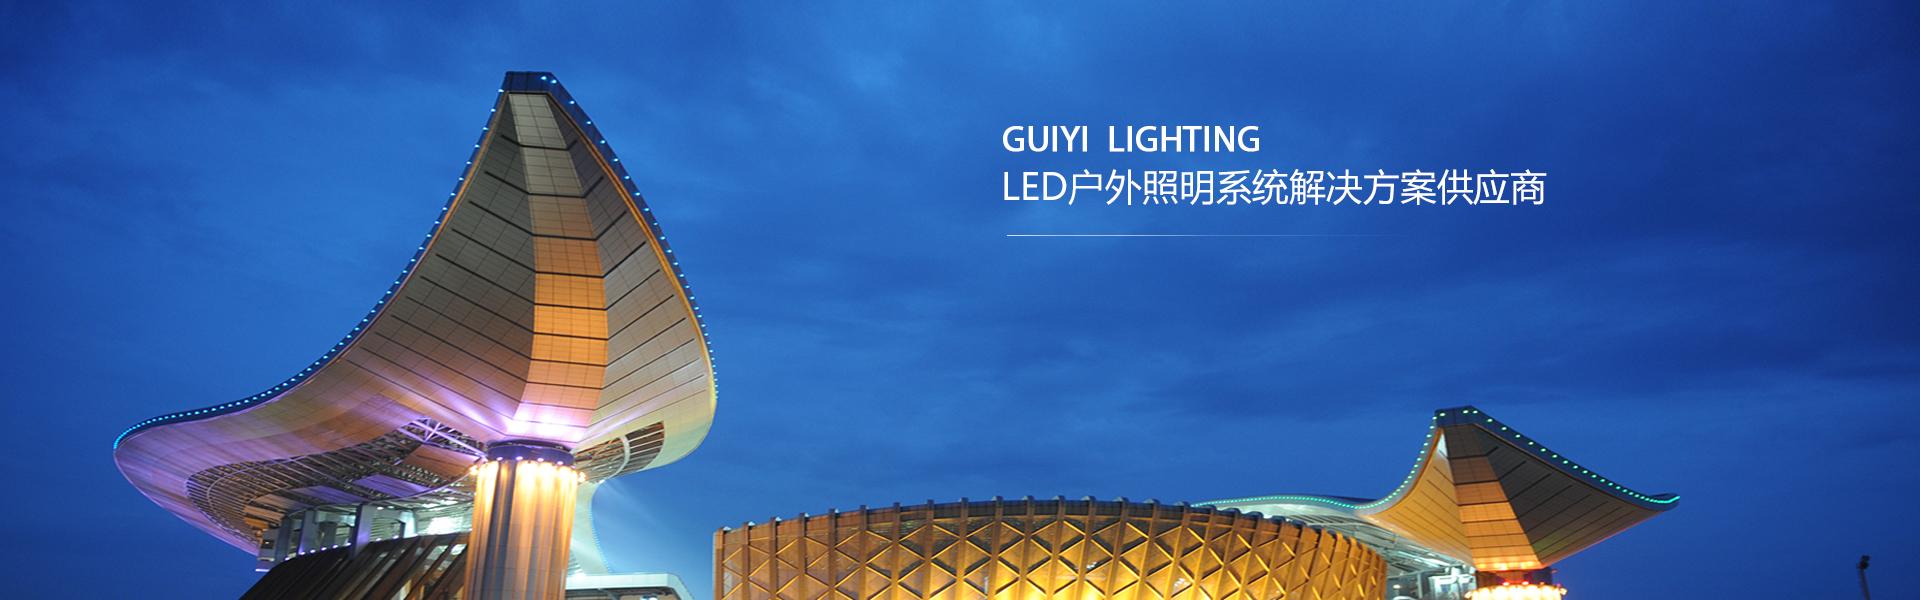 LED路灯厂